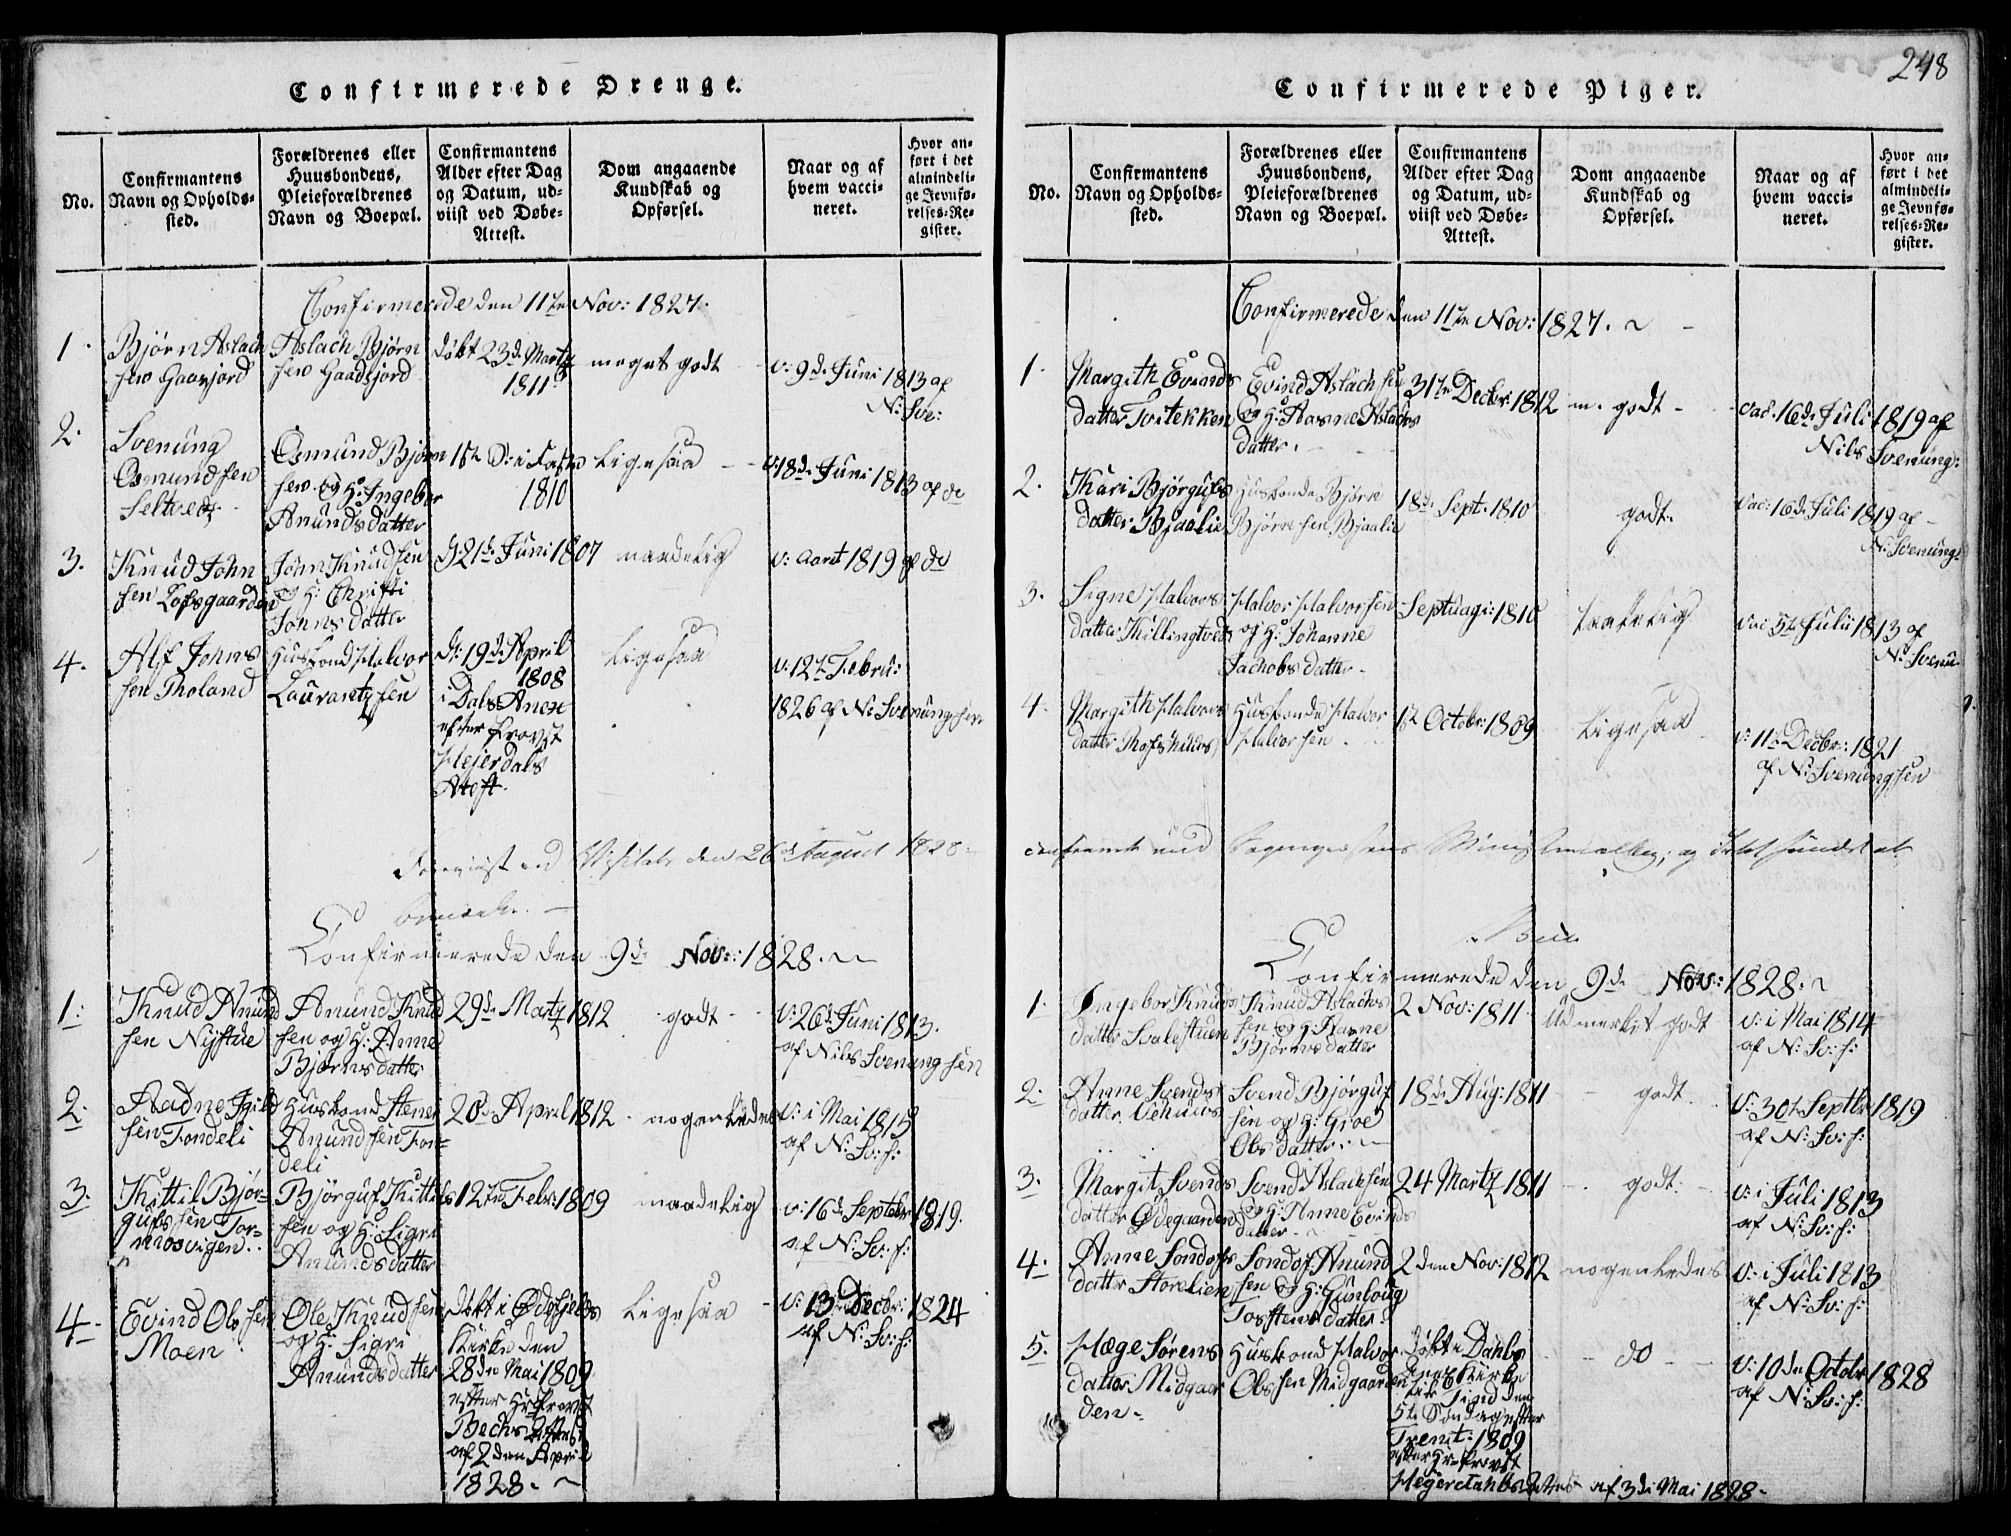 SAKO, Rauland kirkebøker, G/Ga/L0001: Klokkerbok nr. I 1, 1814-1843, s. 248